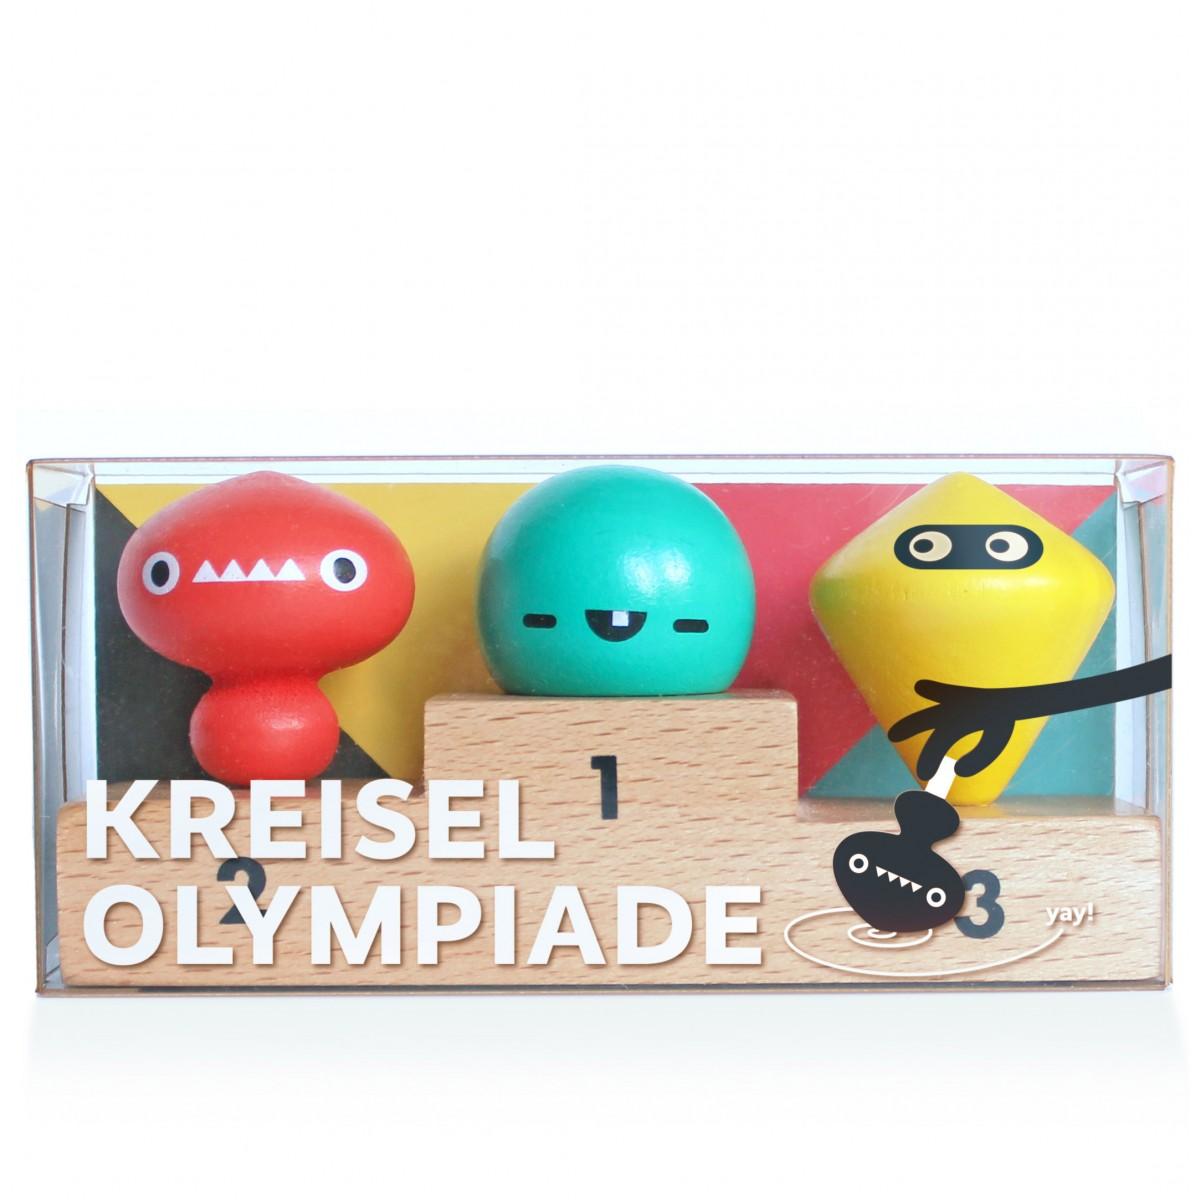 Kreisel Olympiade, 3 Fingerkreisel auf Siegertreppchen - von Neue Freunde